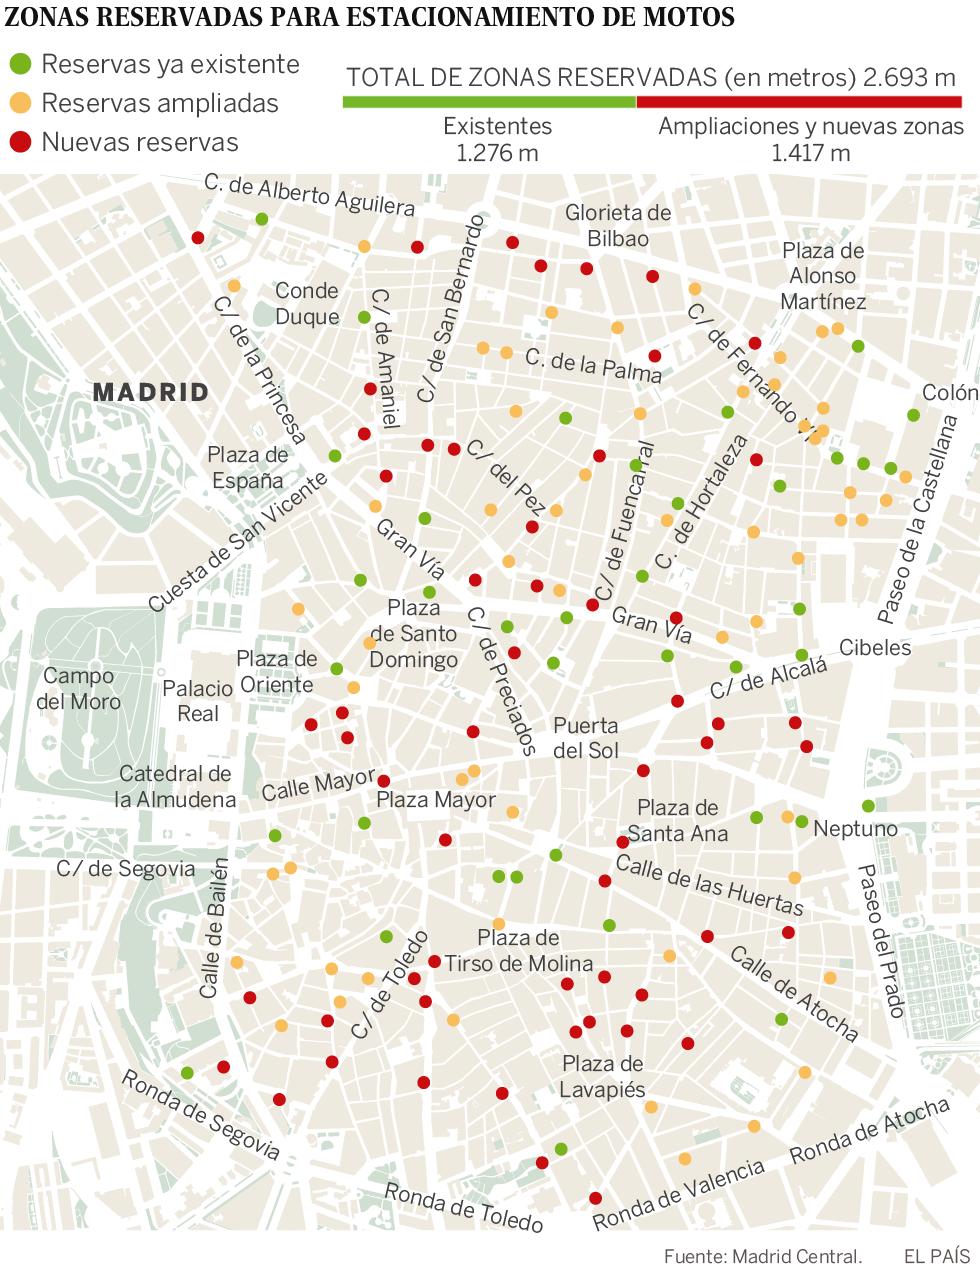 Zona Ser Madrid Mapa 2019.Madrid Prohibira En Noviembre El Acceso Y El Aparcamiento En